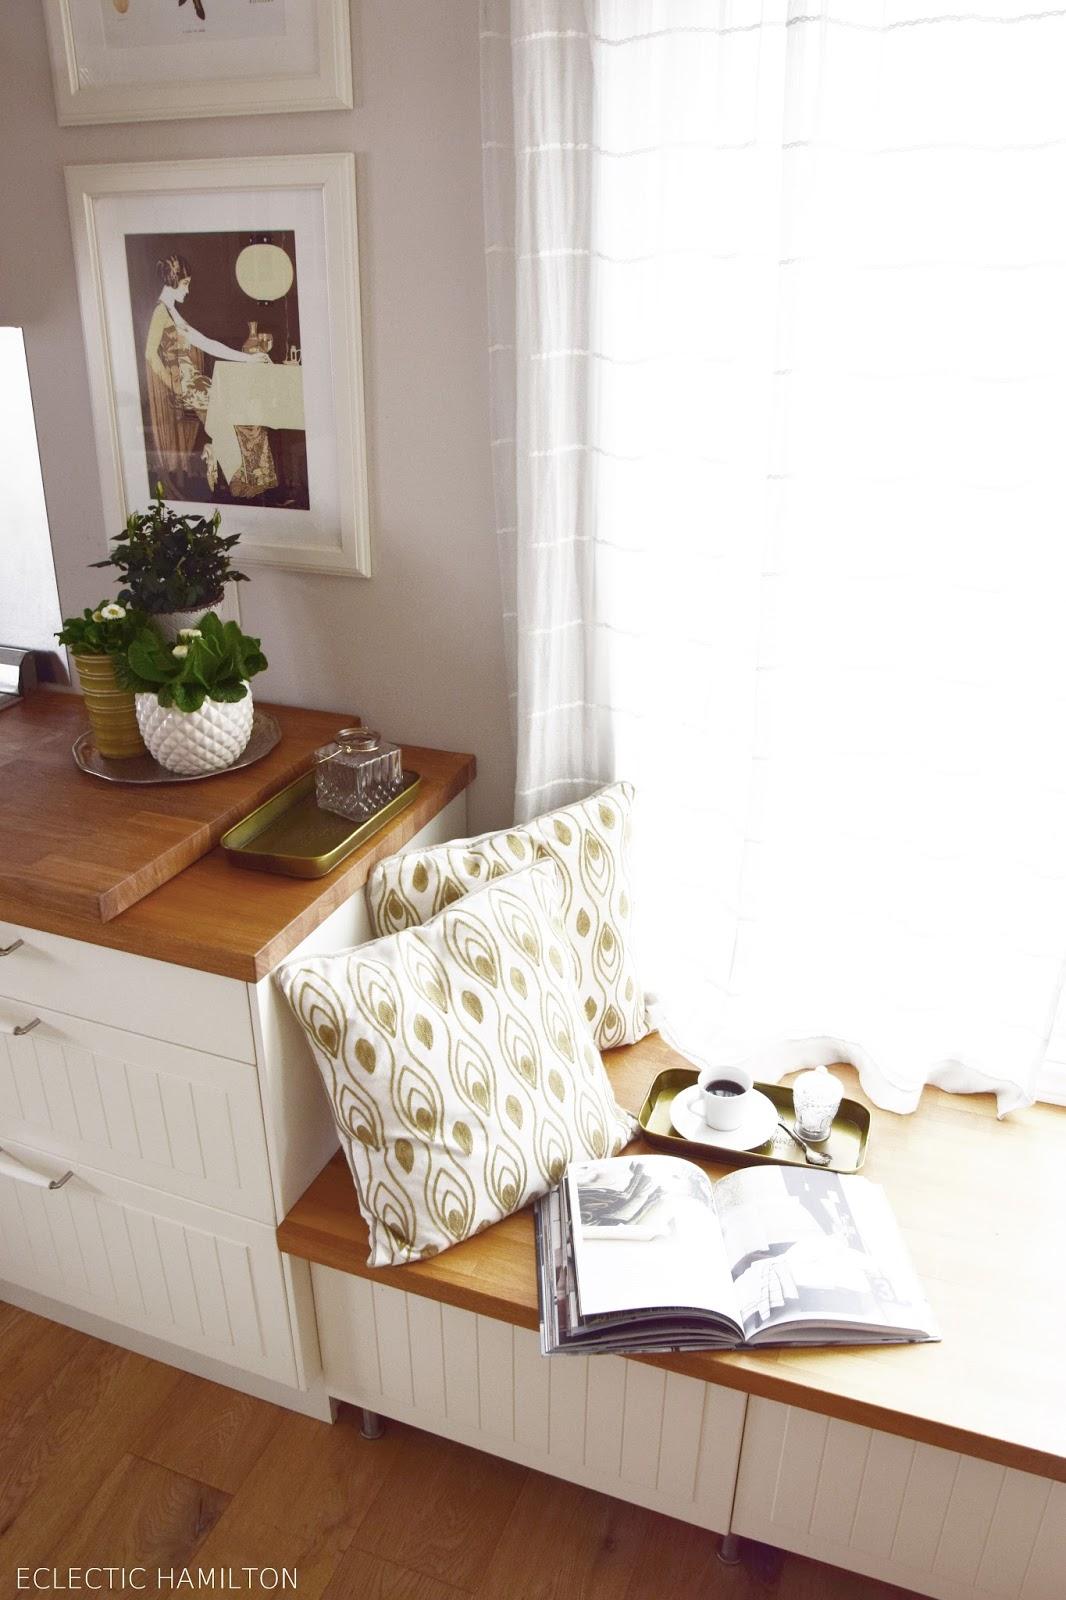 Frühlingsdeko für die Küche. Dekoideen für eine frühlingshafte Gestaltung. Deko Dekoration Frühjahrsblüher Tulpen Bellies Primeln kreativ gestalten Wanddeko